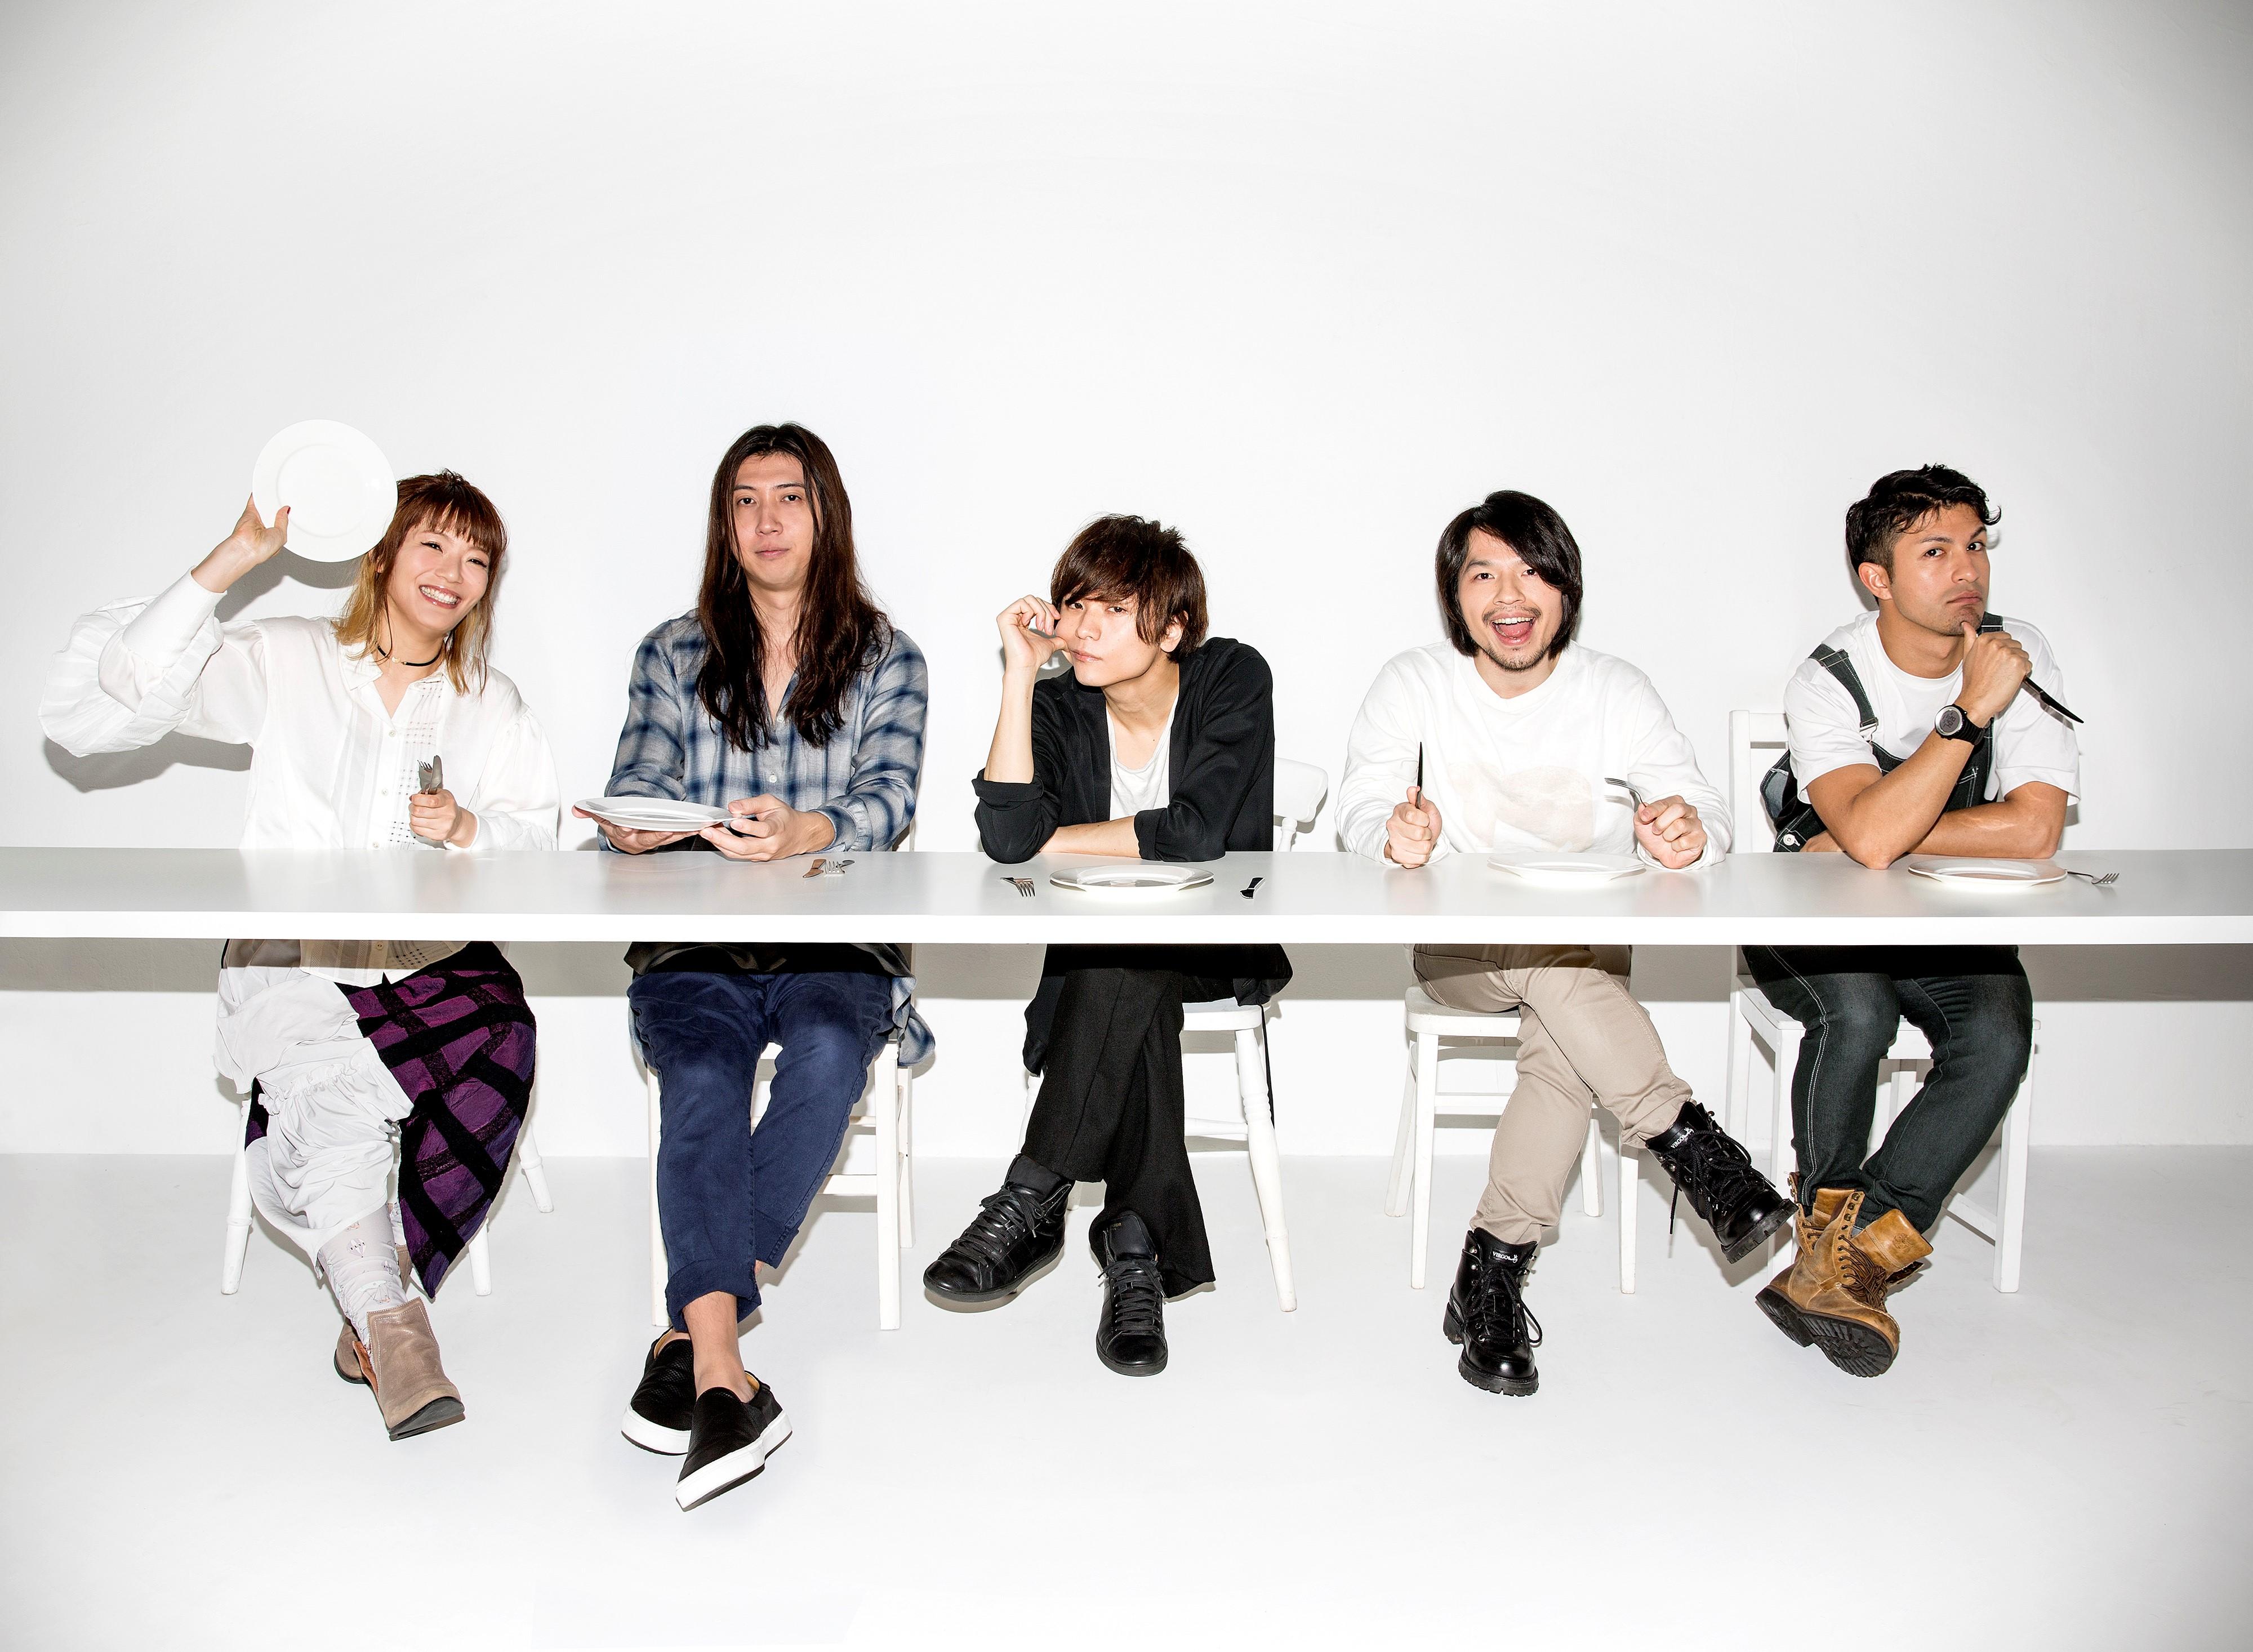 L→R 東出真緒(Violin&Key)、安井英人(Ba)、金井政人 (Vo&Gu)、柿沼広也(Gu&Vo)、リアド偉武(Dr)